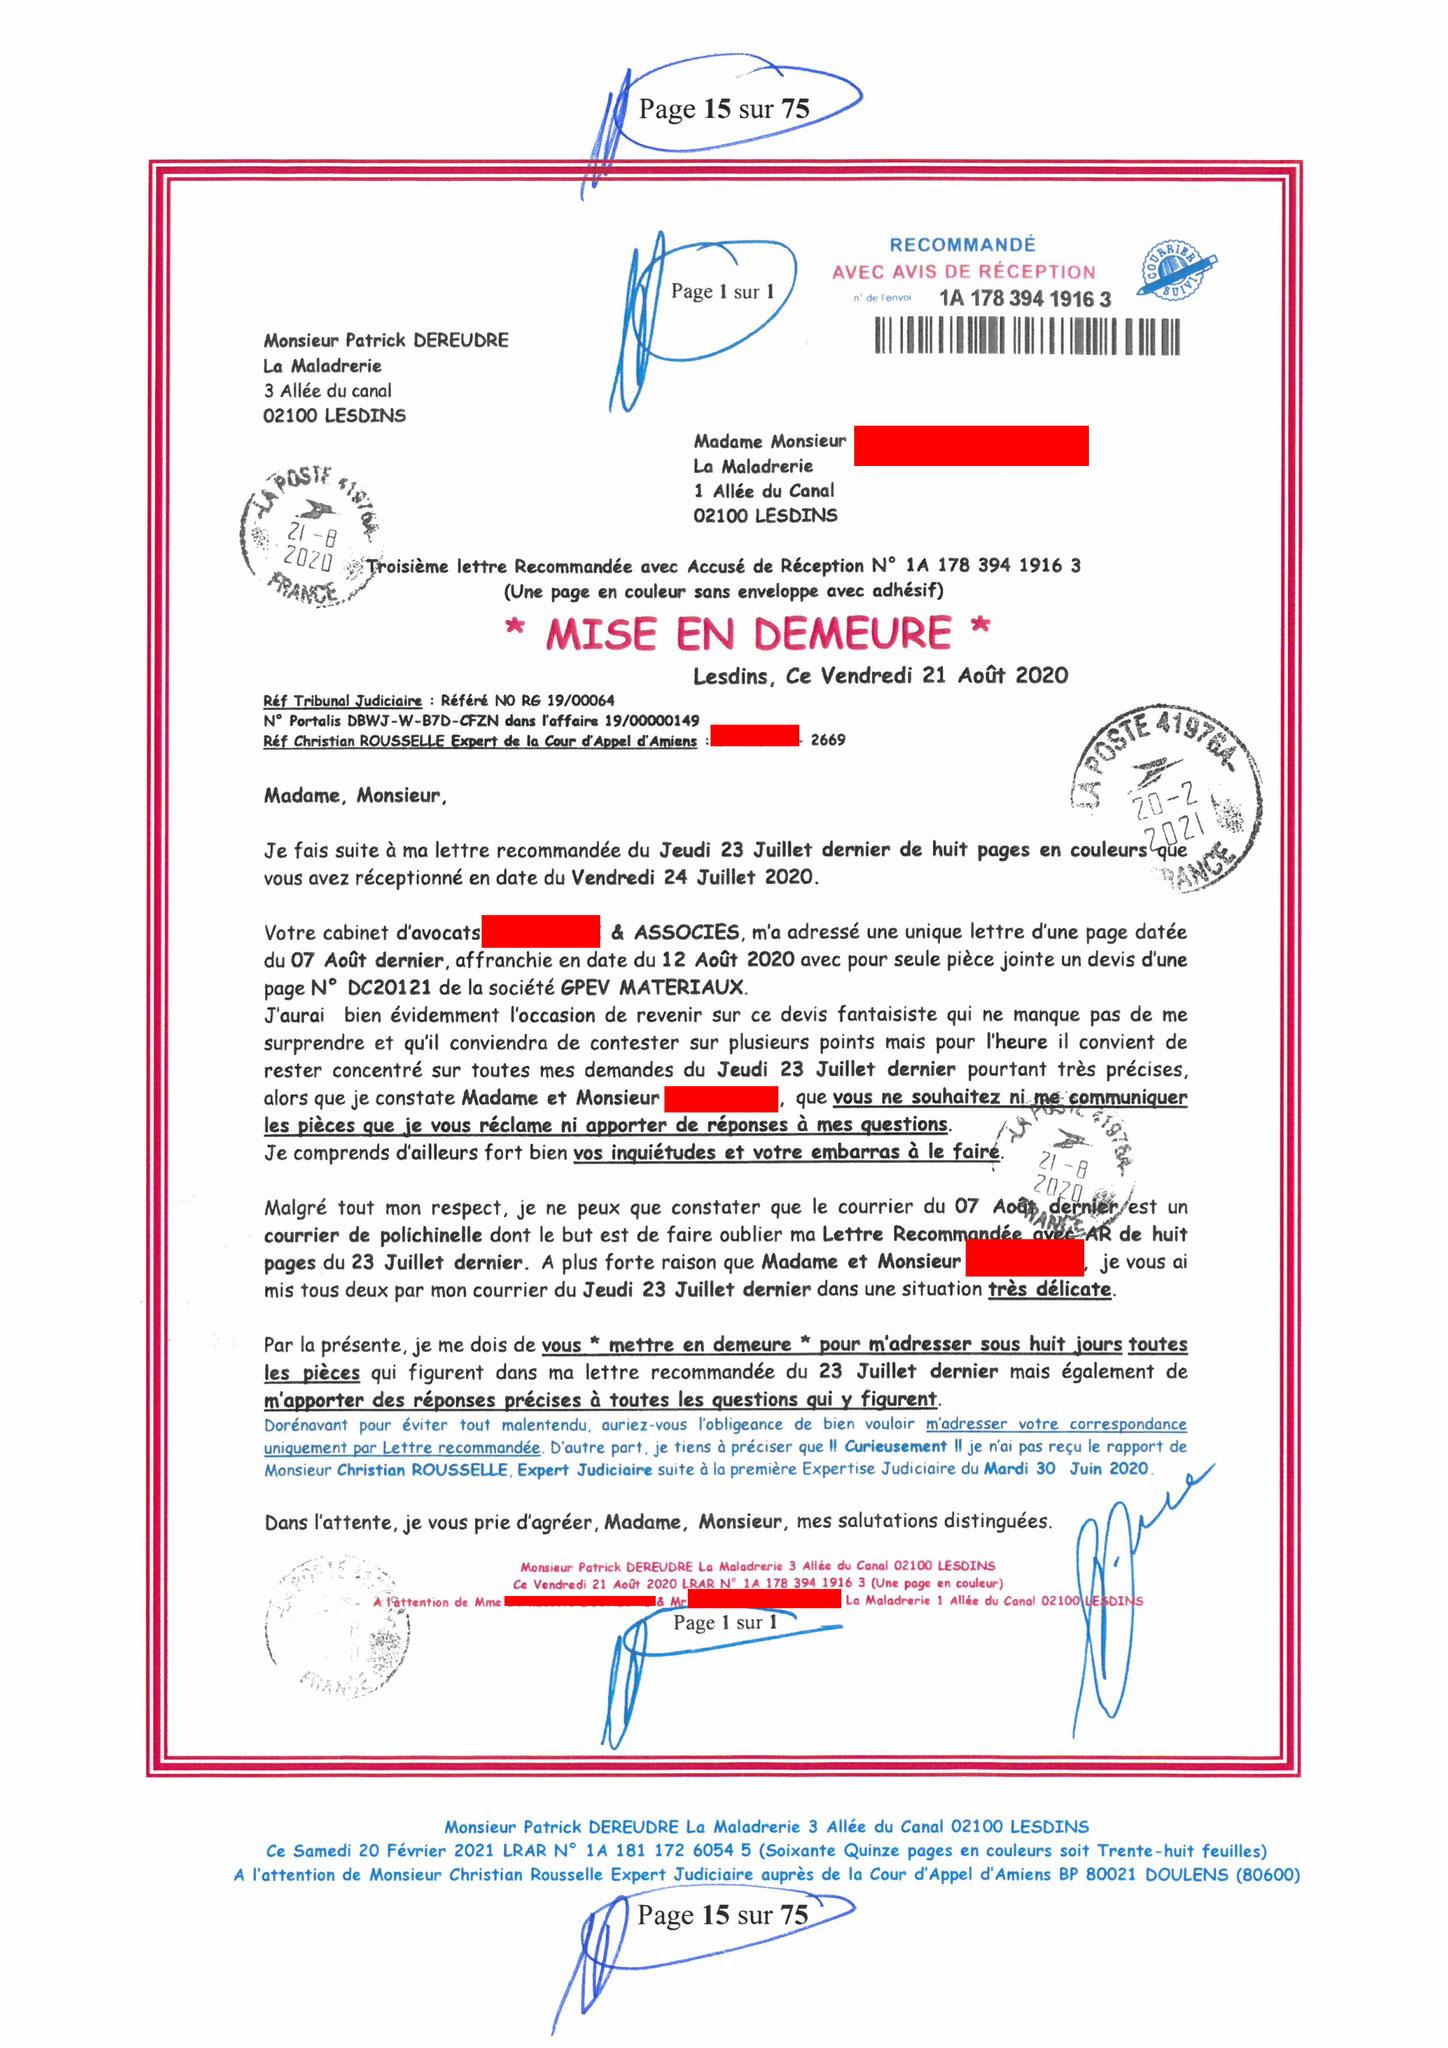 Page 15 Ma  Lettre Recommandée à Monsieur Christian ROUSSELLE Expert Judiciaire auprès de la Cour d'Appel d'Amiens Affaire MES CHERS VOISINS nos  www.jenesuispasunchien.fr www.jesuisvictime.fr www.jesuispatrick.fr PARJURE & CORRUPTION JUSTICE REPUBLIQUE